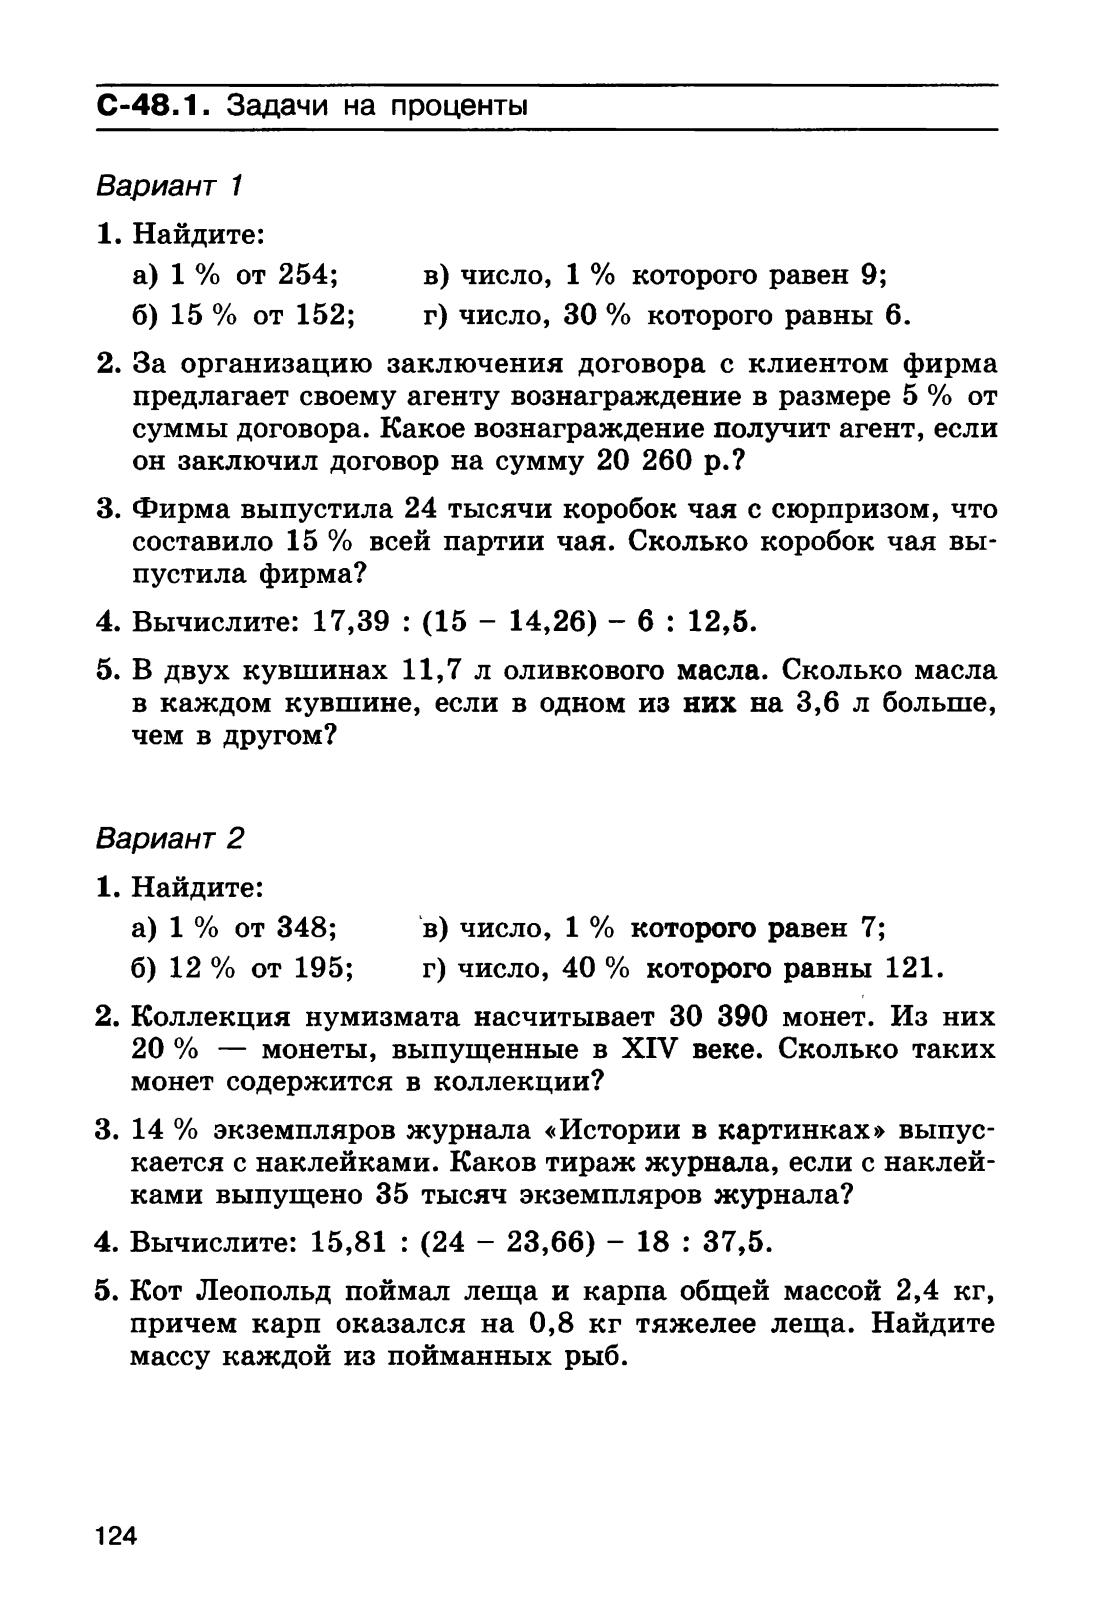 p32.bmp